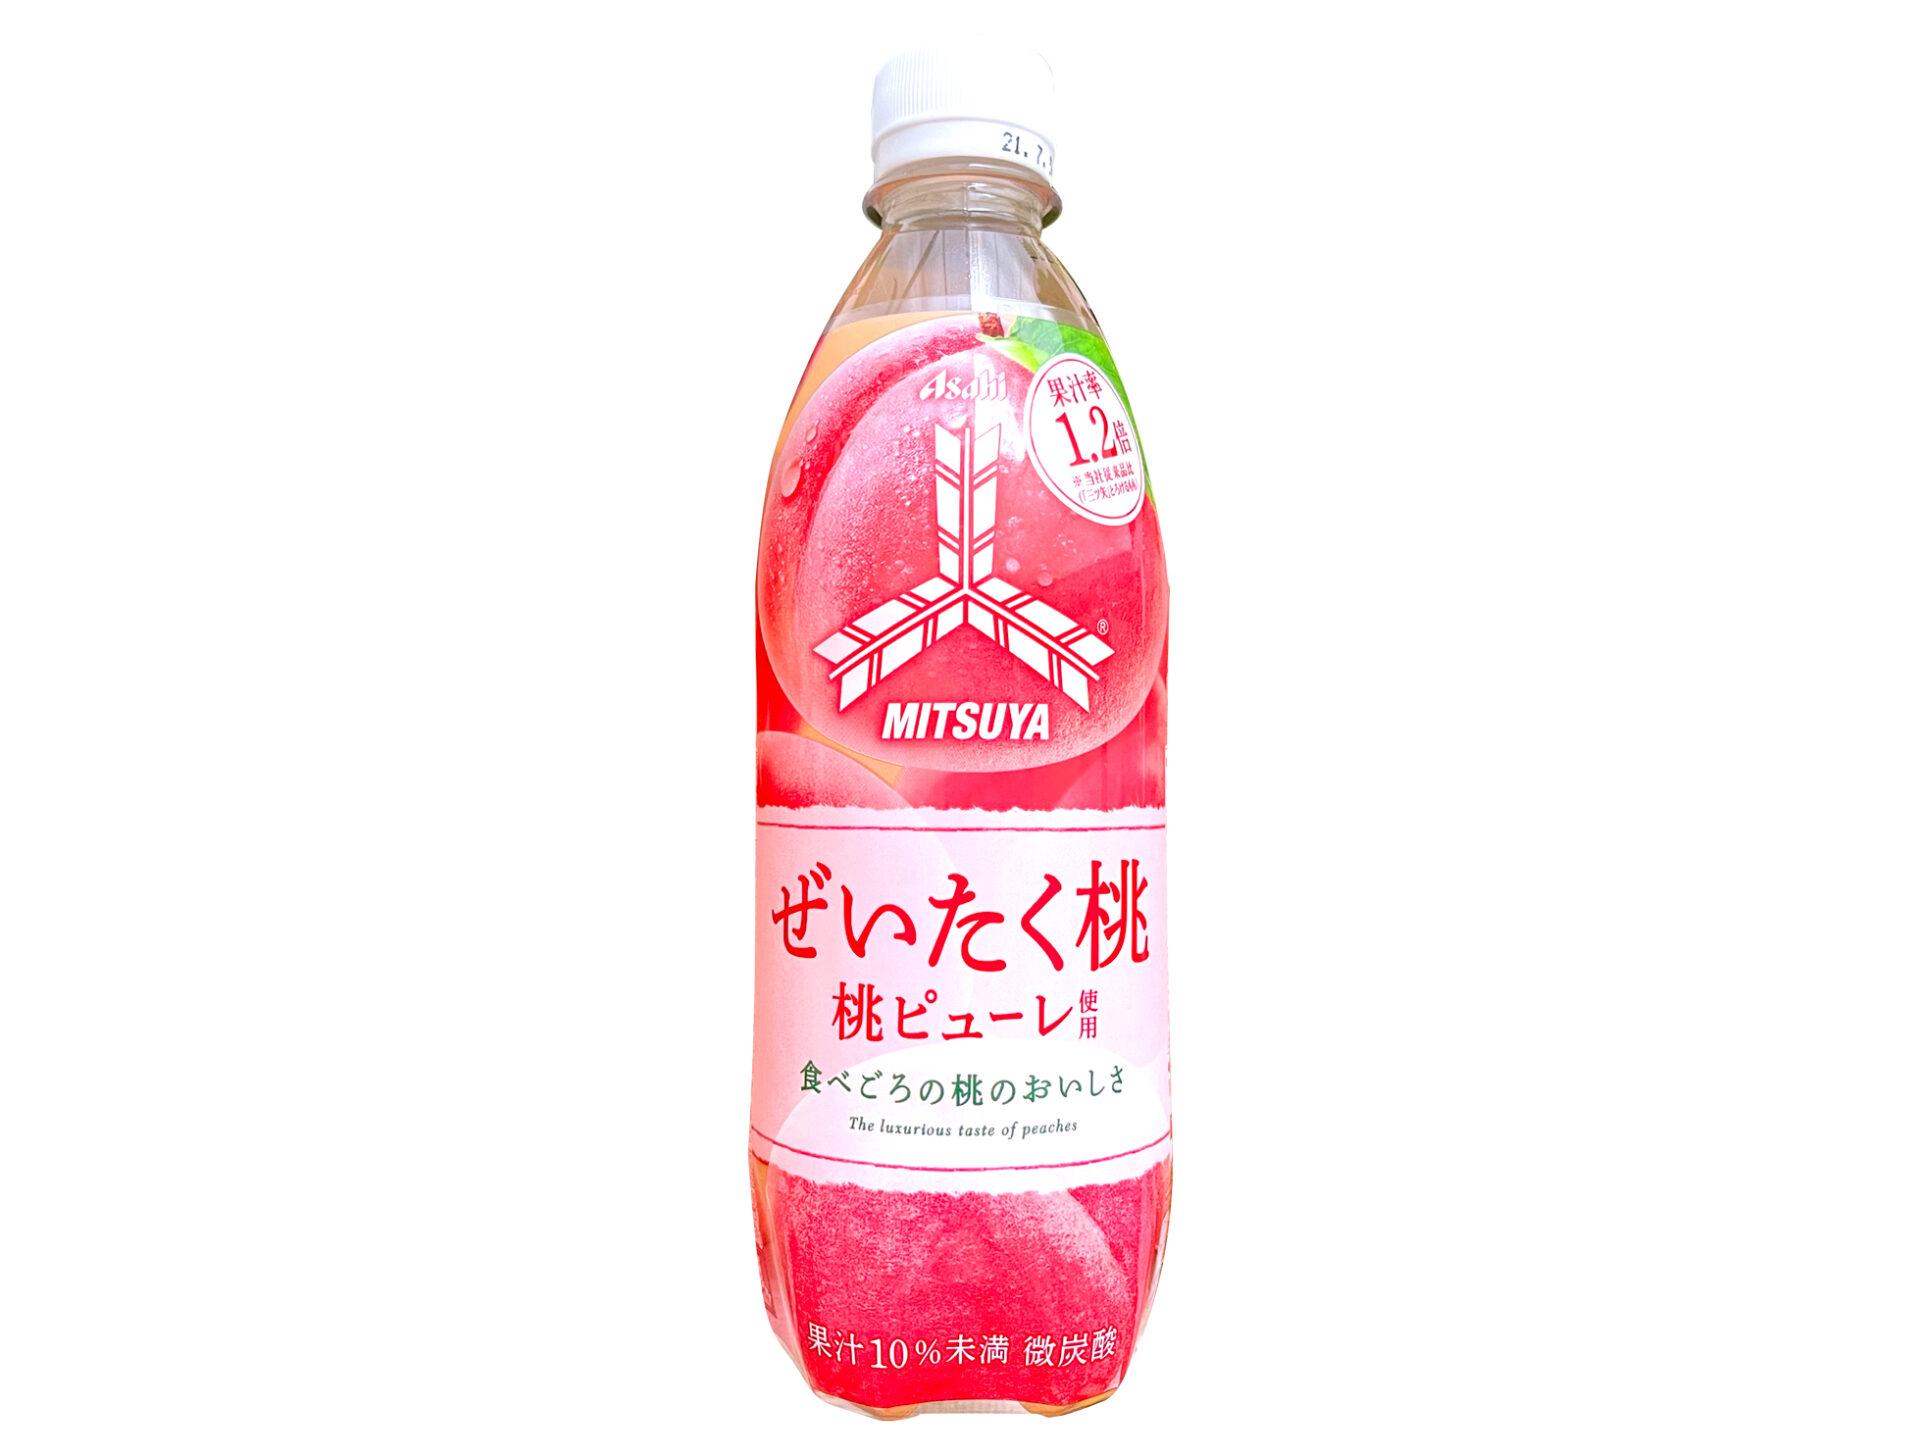 アサヒ飲料『「三ツ矢」ぜいたく桃』実飲レビュー!濃厚で贅沢な桃の風味が際立つこってり系炭酸飲料◎